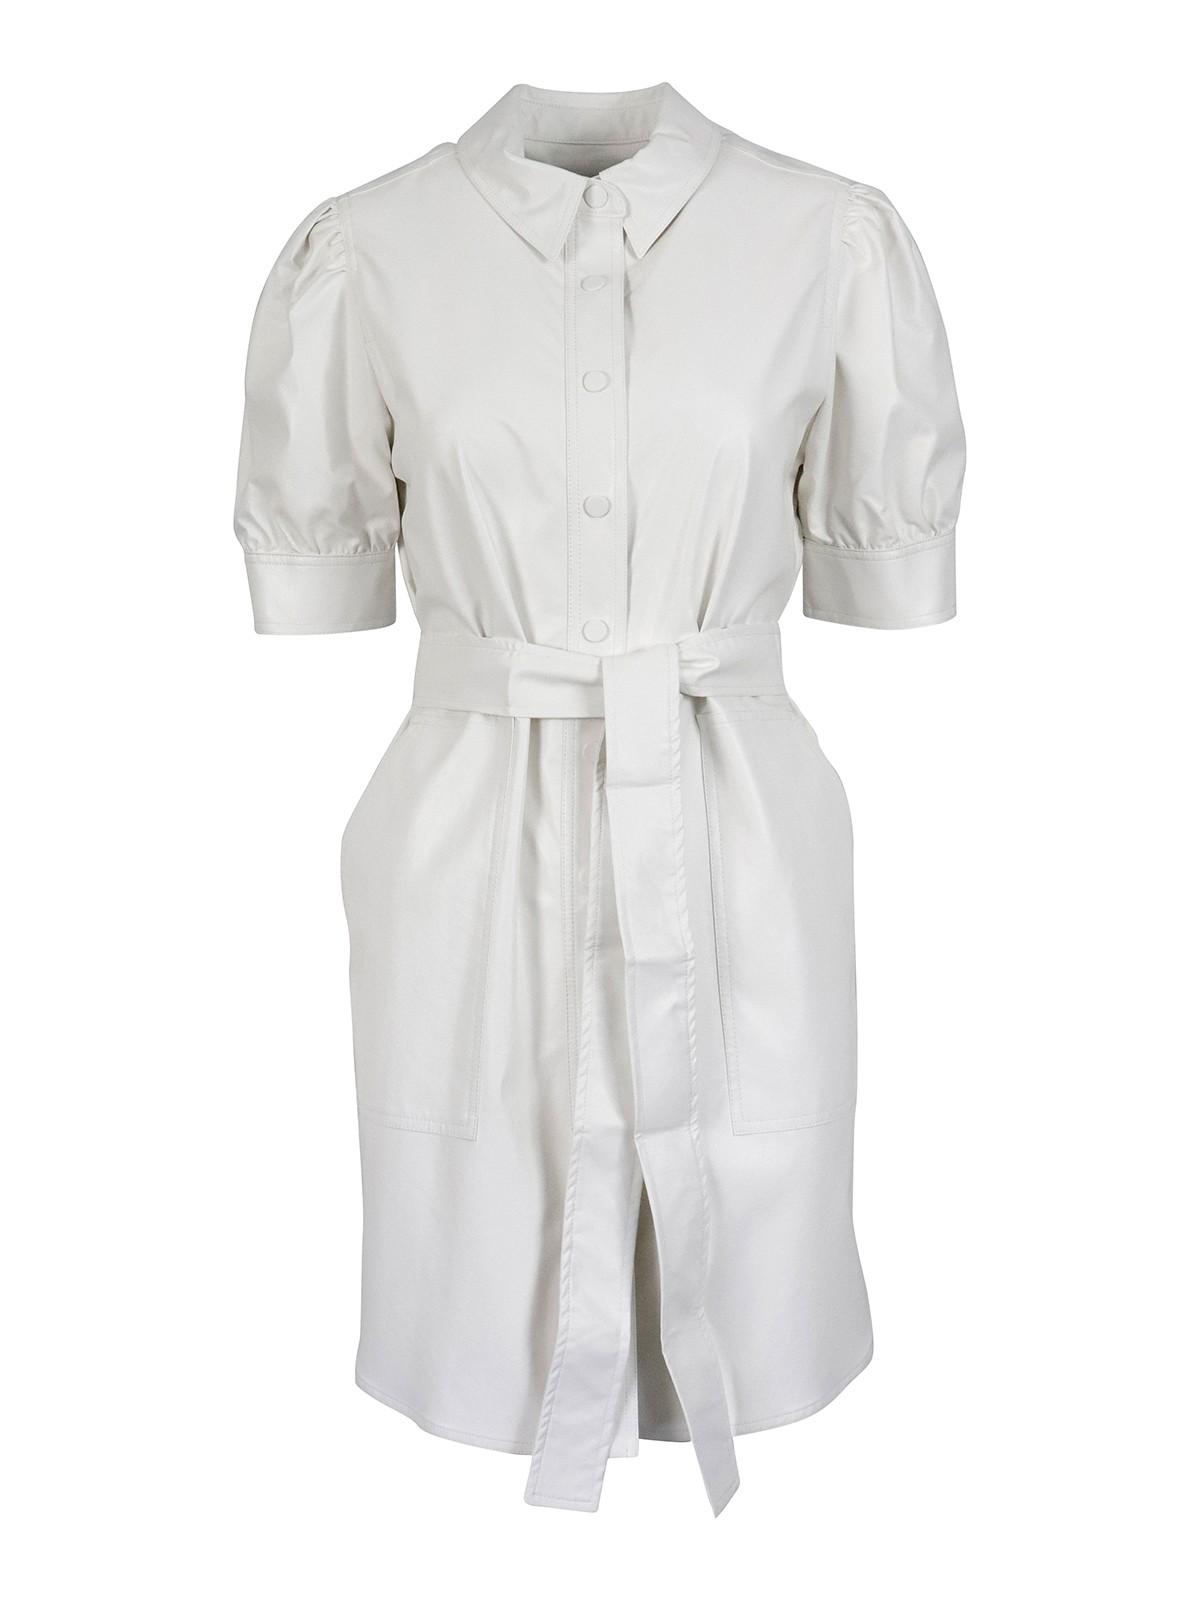 Twinset Dresses COATED FABRIC SHIRT DRESS